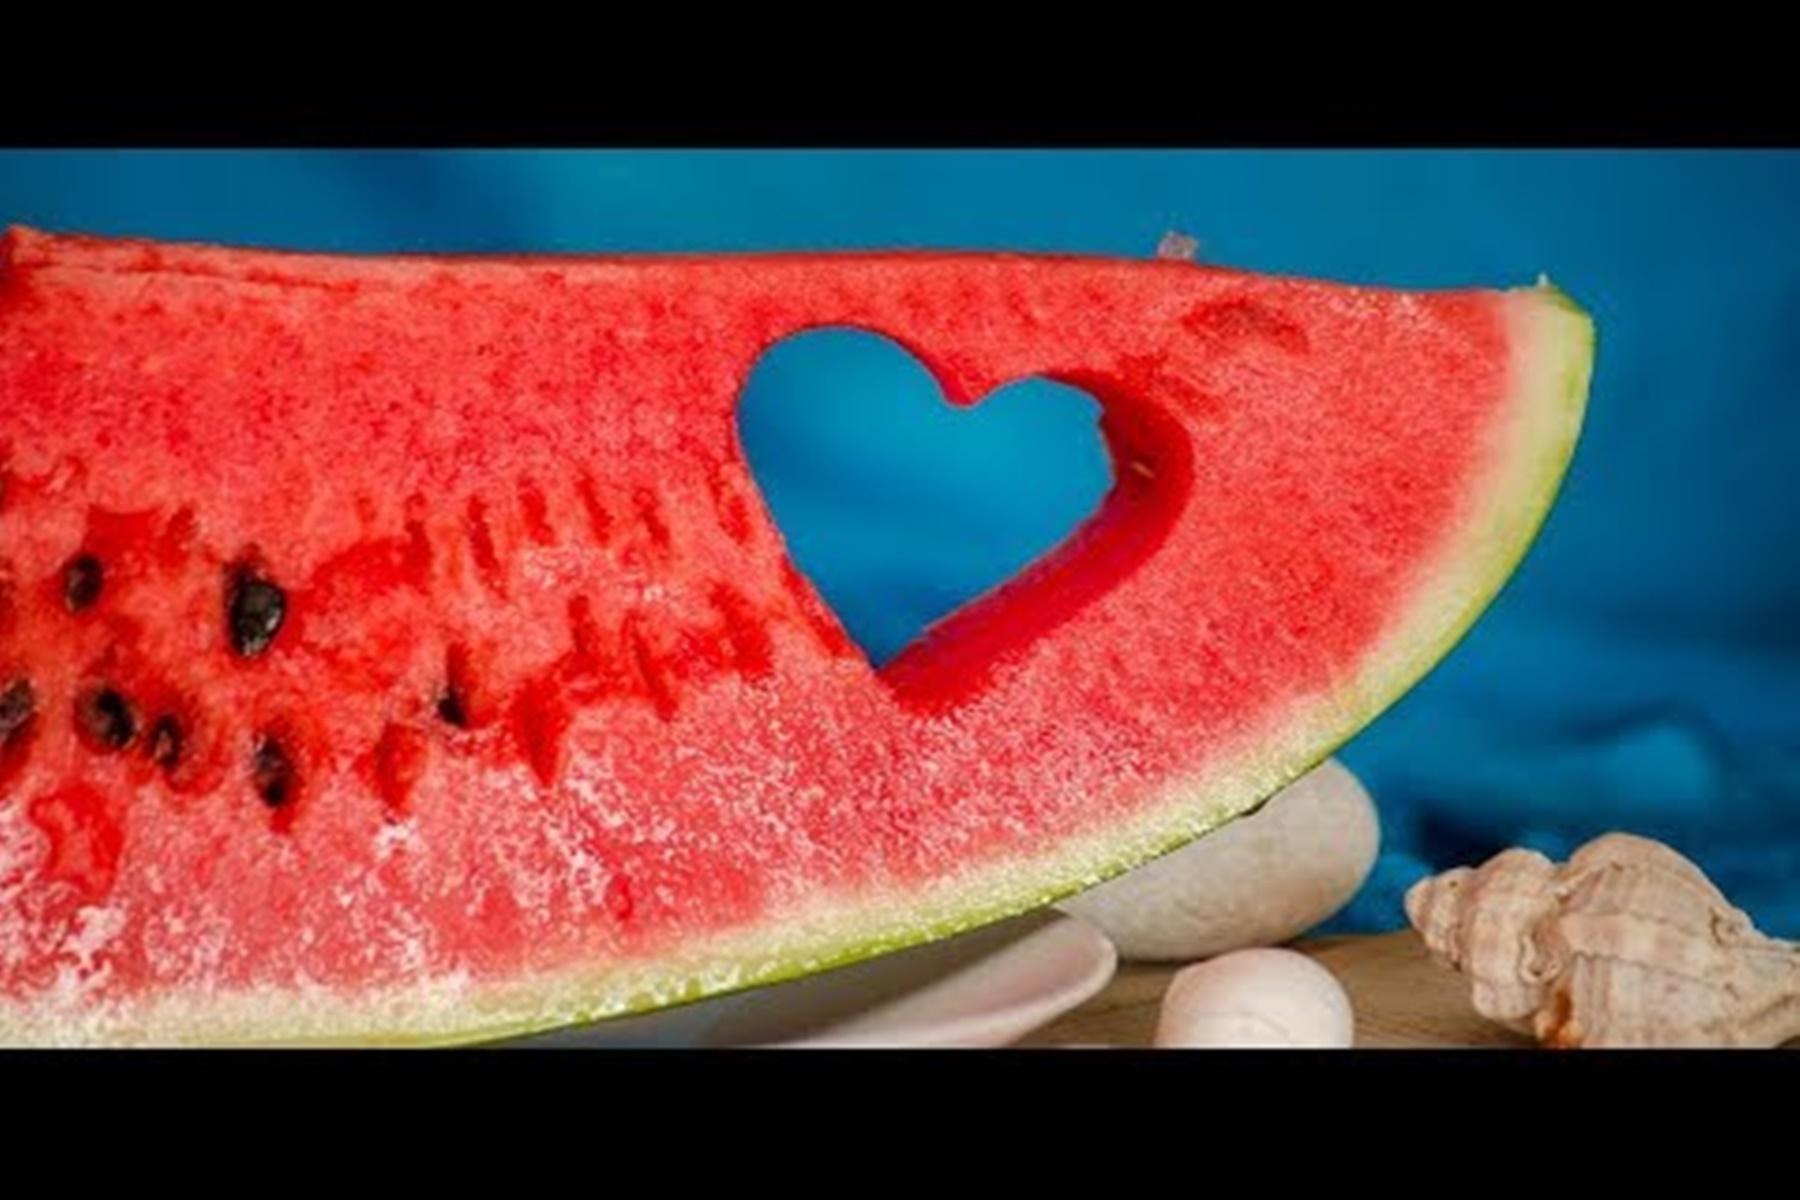 Καρπούζι : Λόγοι για να το καταναλώνεται